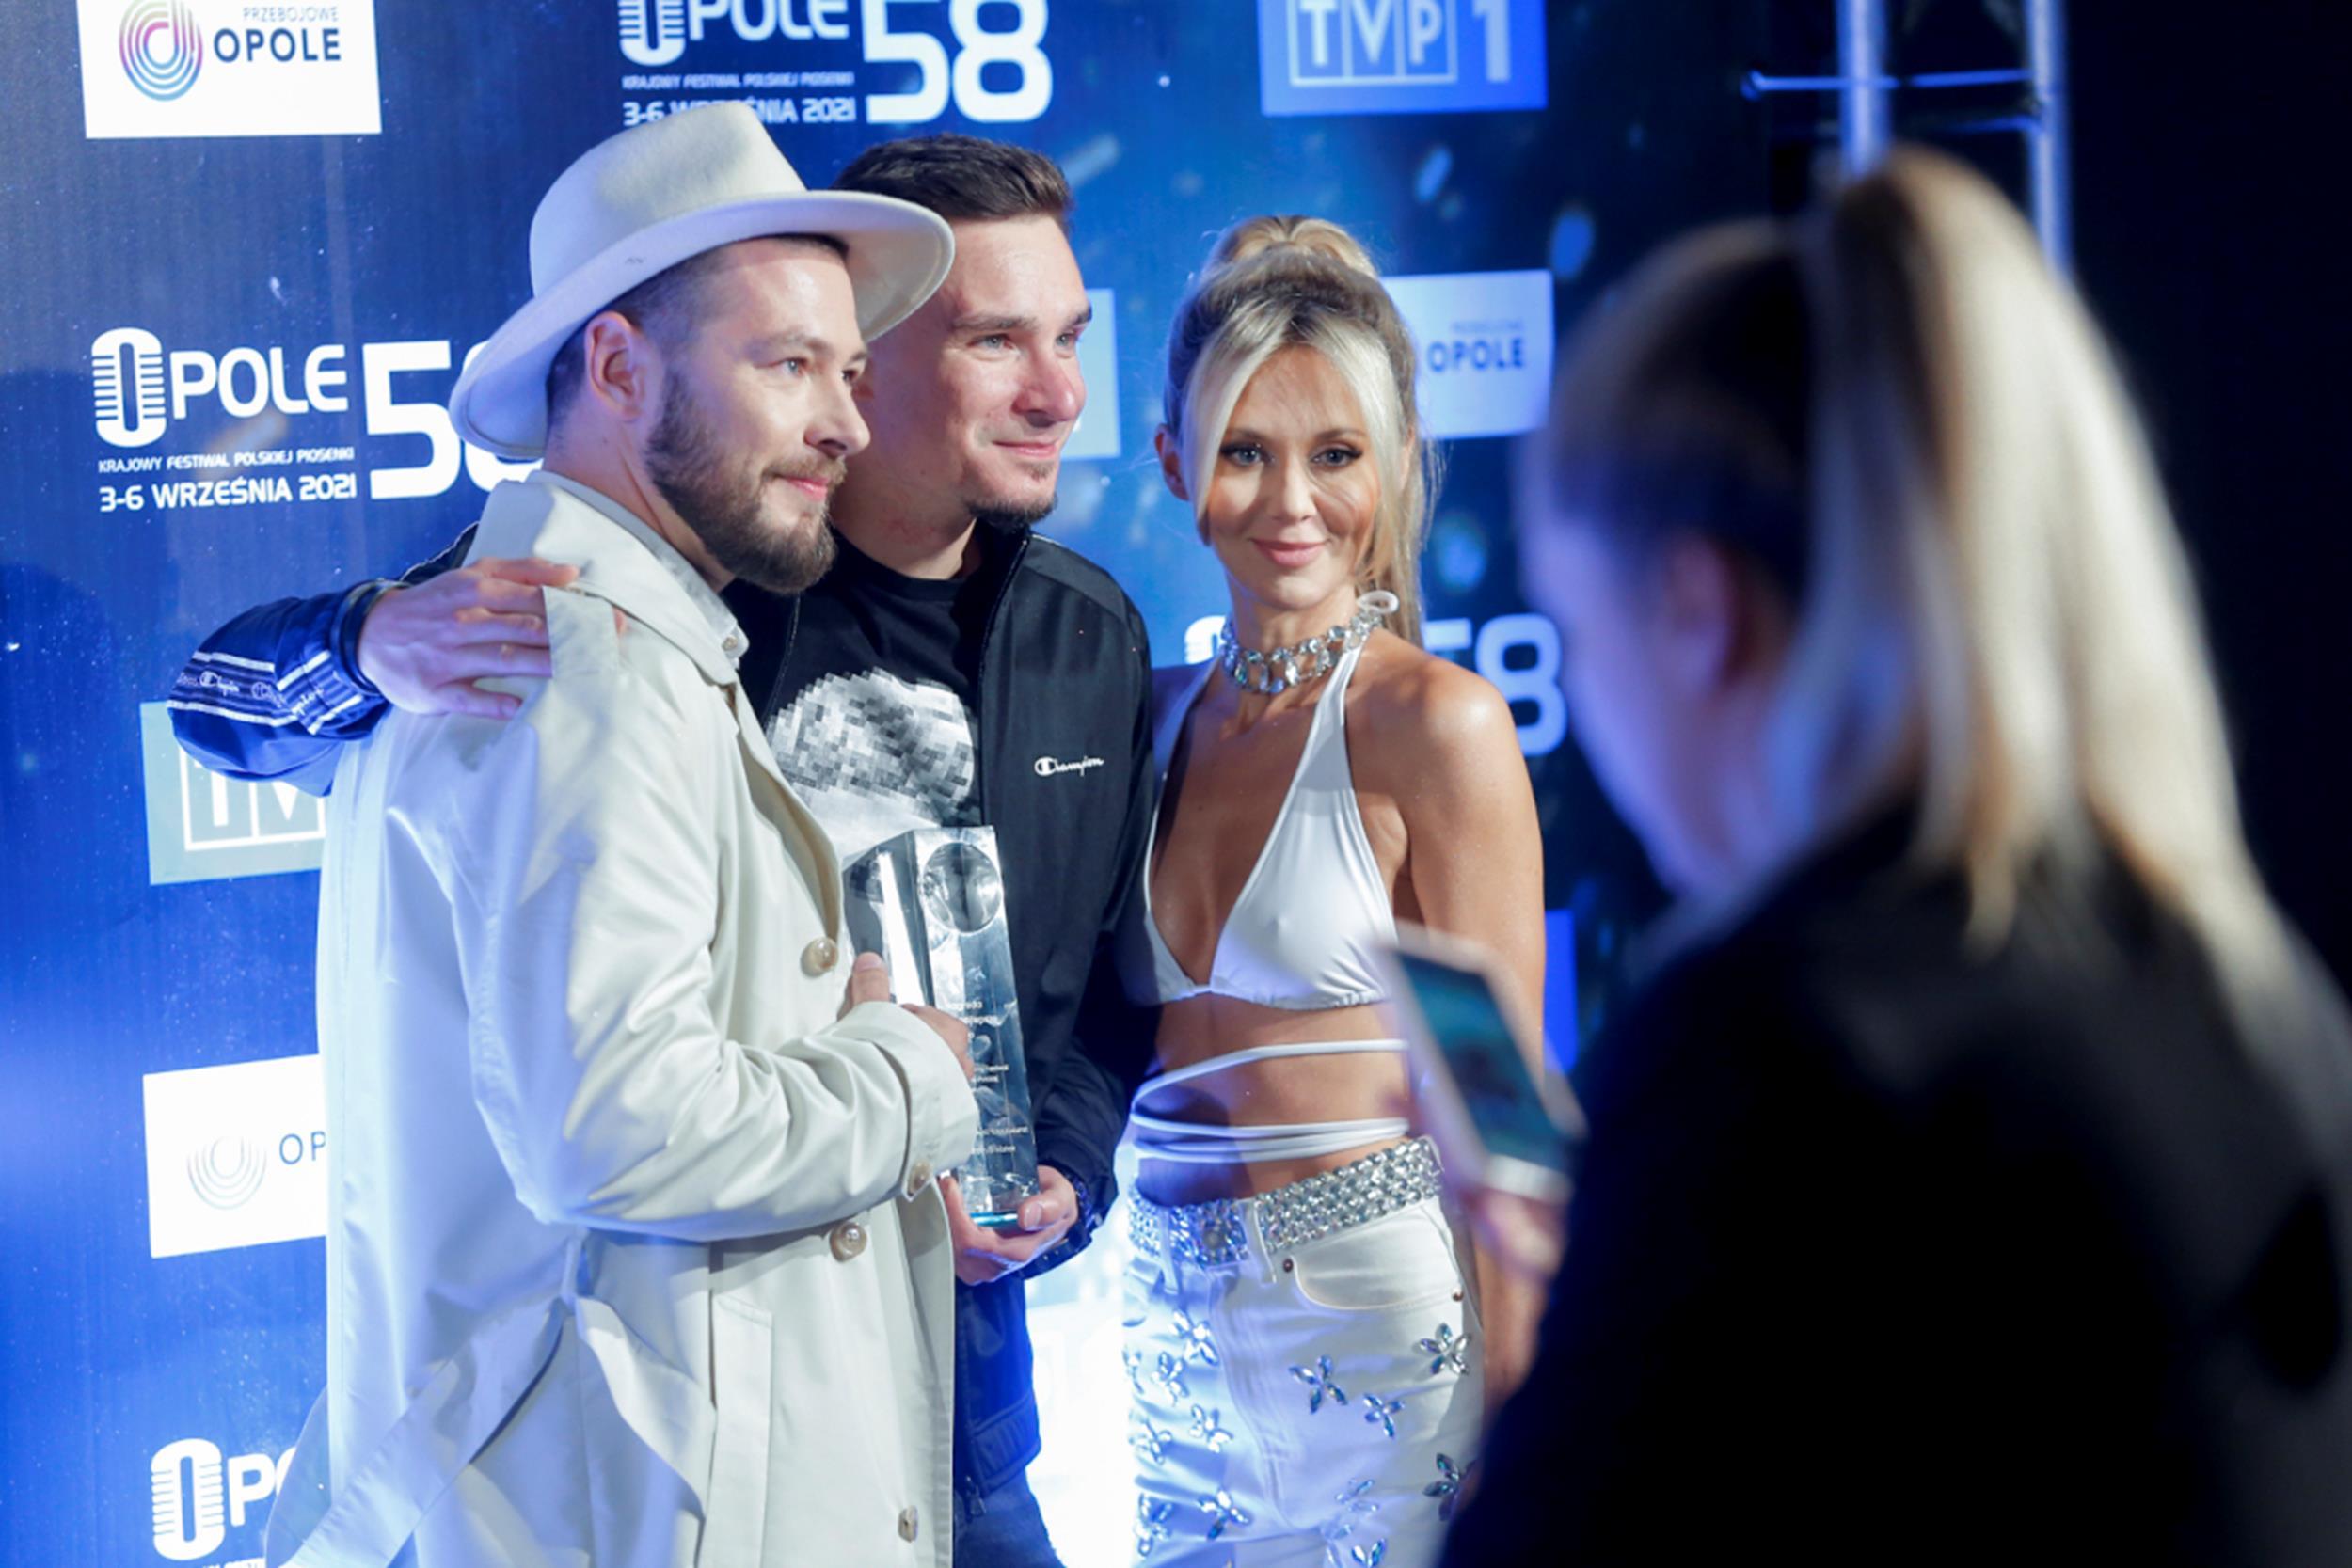 (od lewej) Jarecki, Juliusz Kamil, Kasia Moś fot. Mieszko Piętka, Piotr Podlewski/AKPA